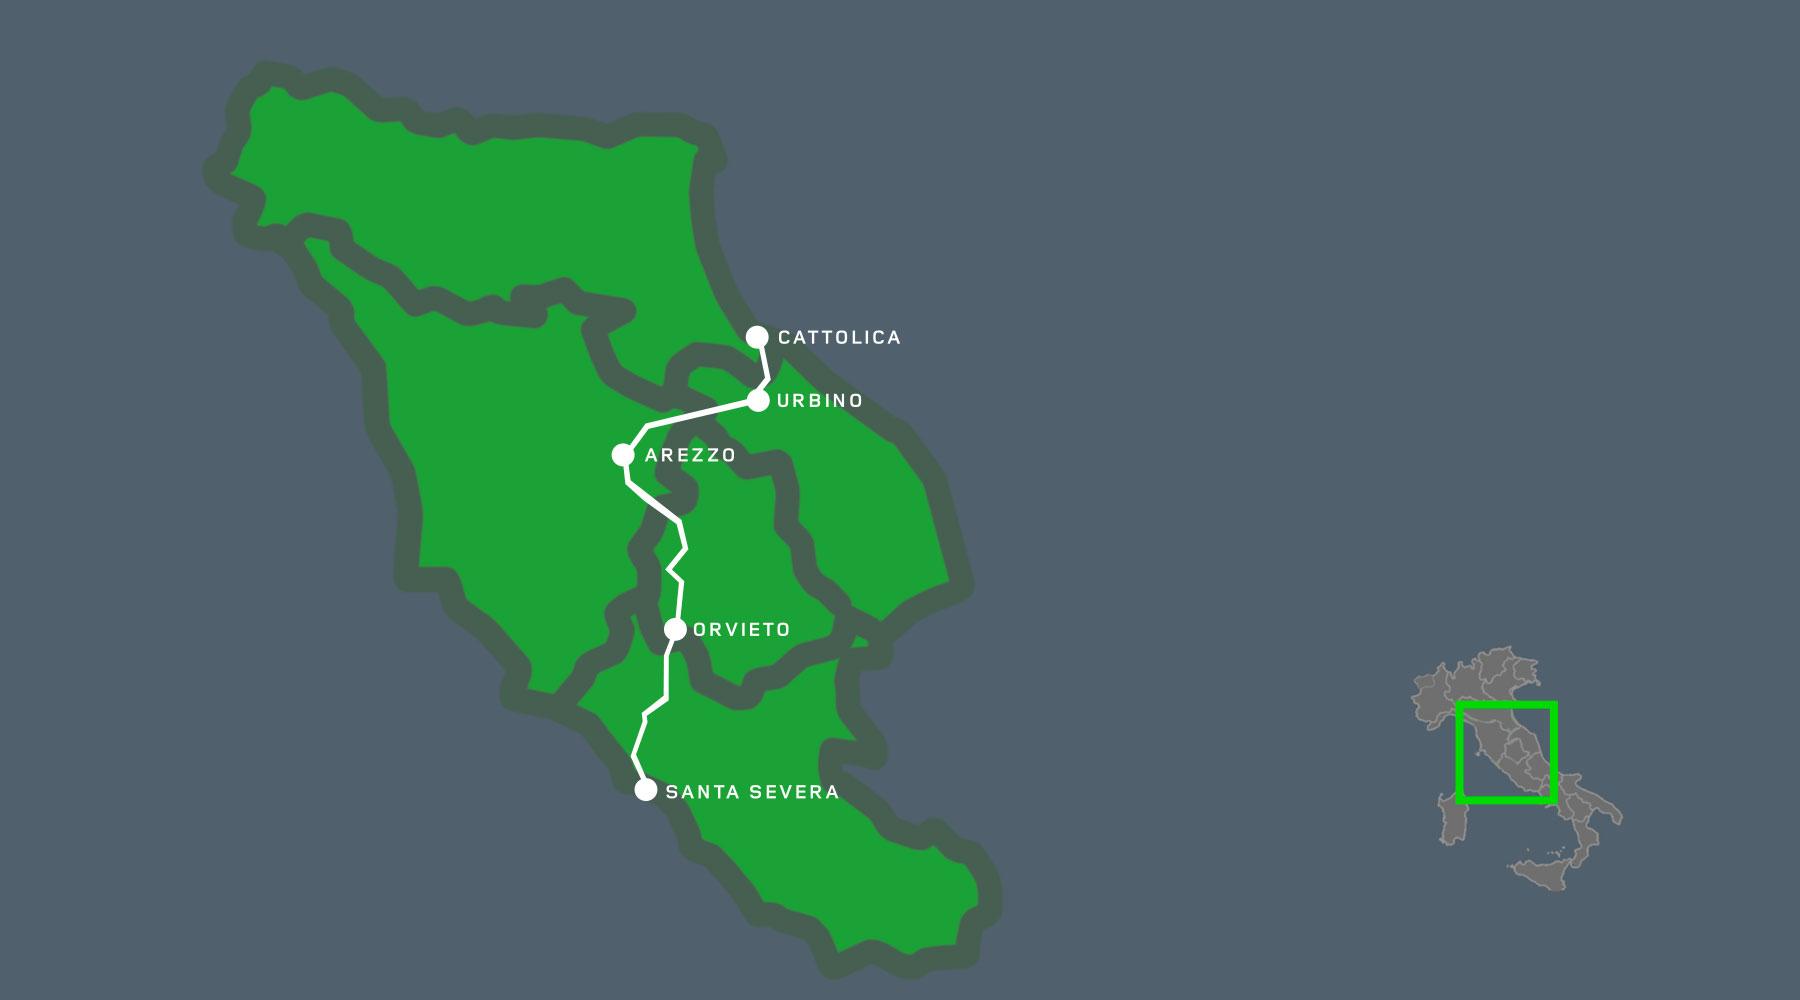 tirreno-adriatica_mappa_land_rover_experience_italia